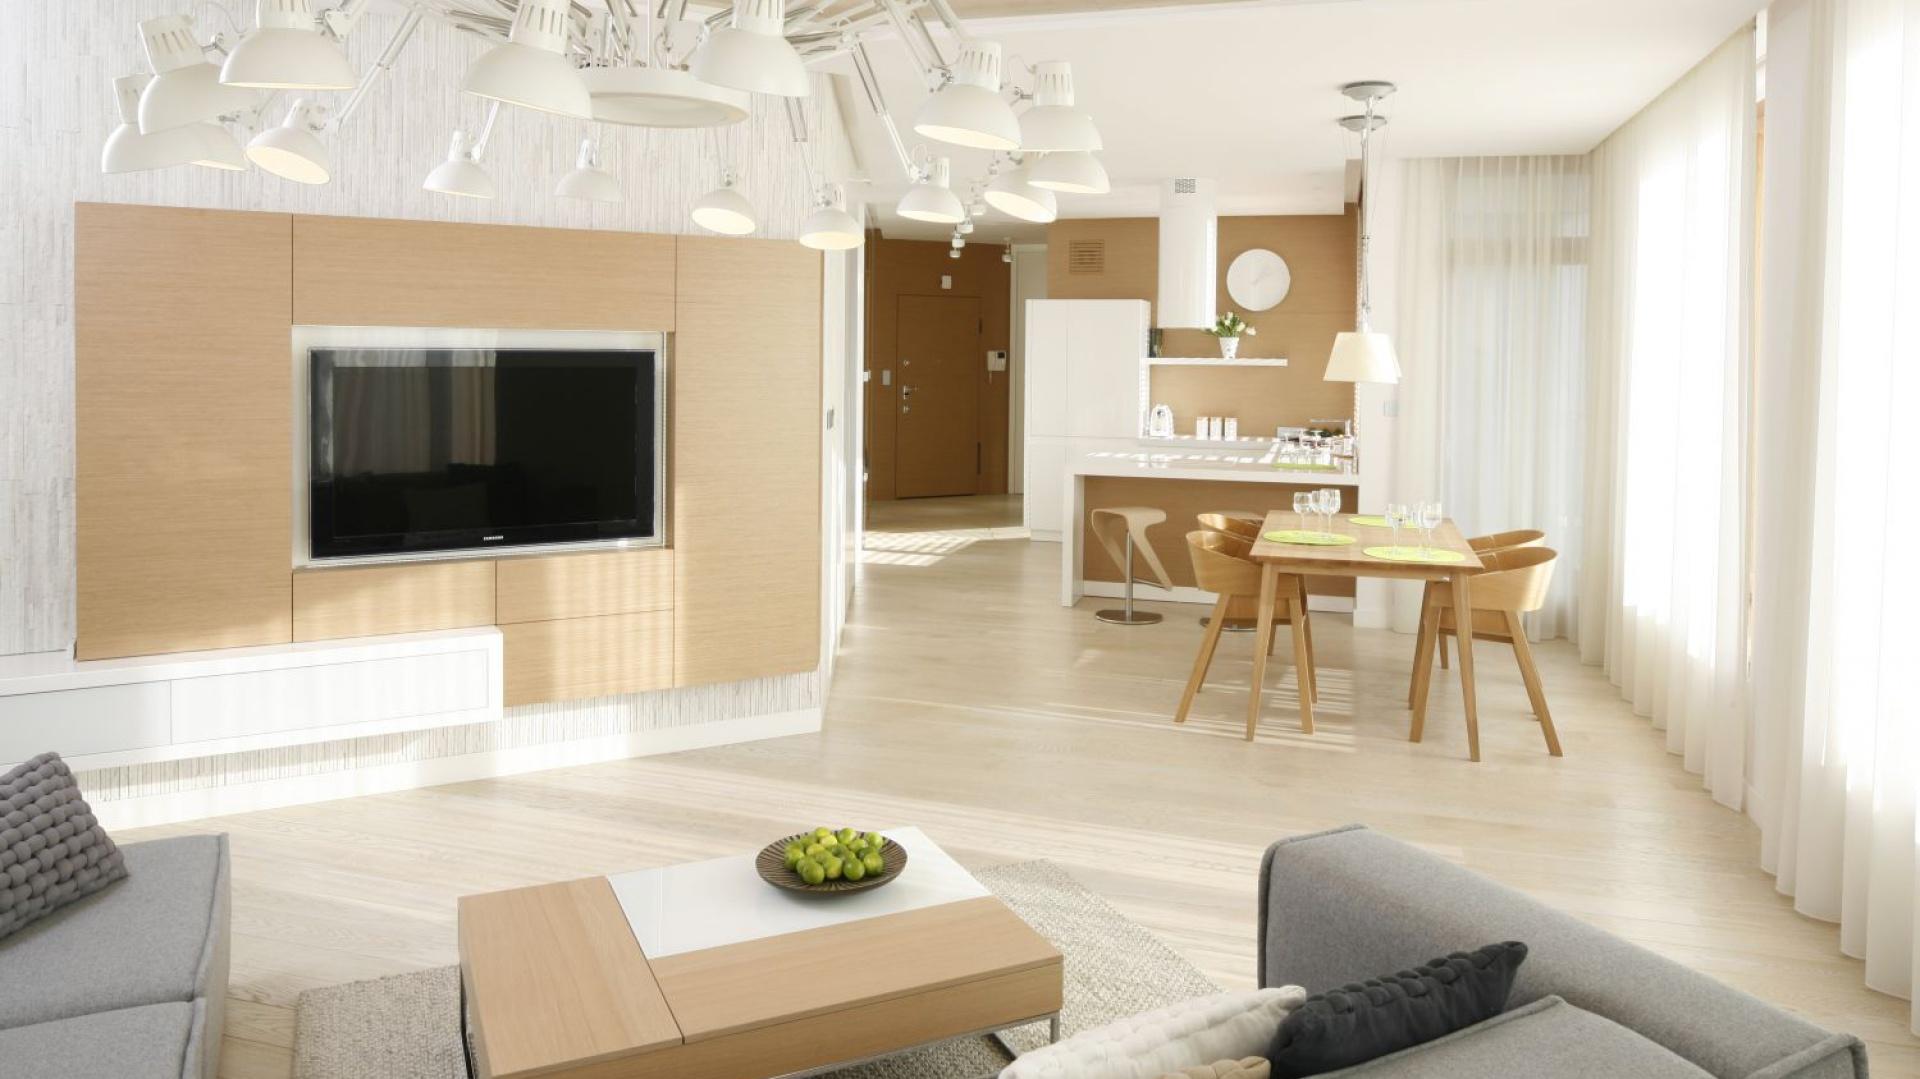 W przestronnym salonie telewizor zawieszono na ścianie z zabudową wykonaną z jasnego drewna dębowego. Projekt: Maciej Brzostek. Fot. Bartosz Jarosz.